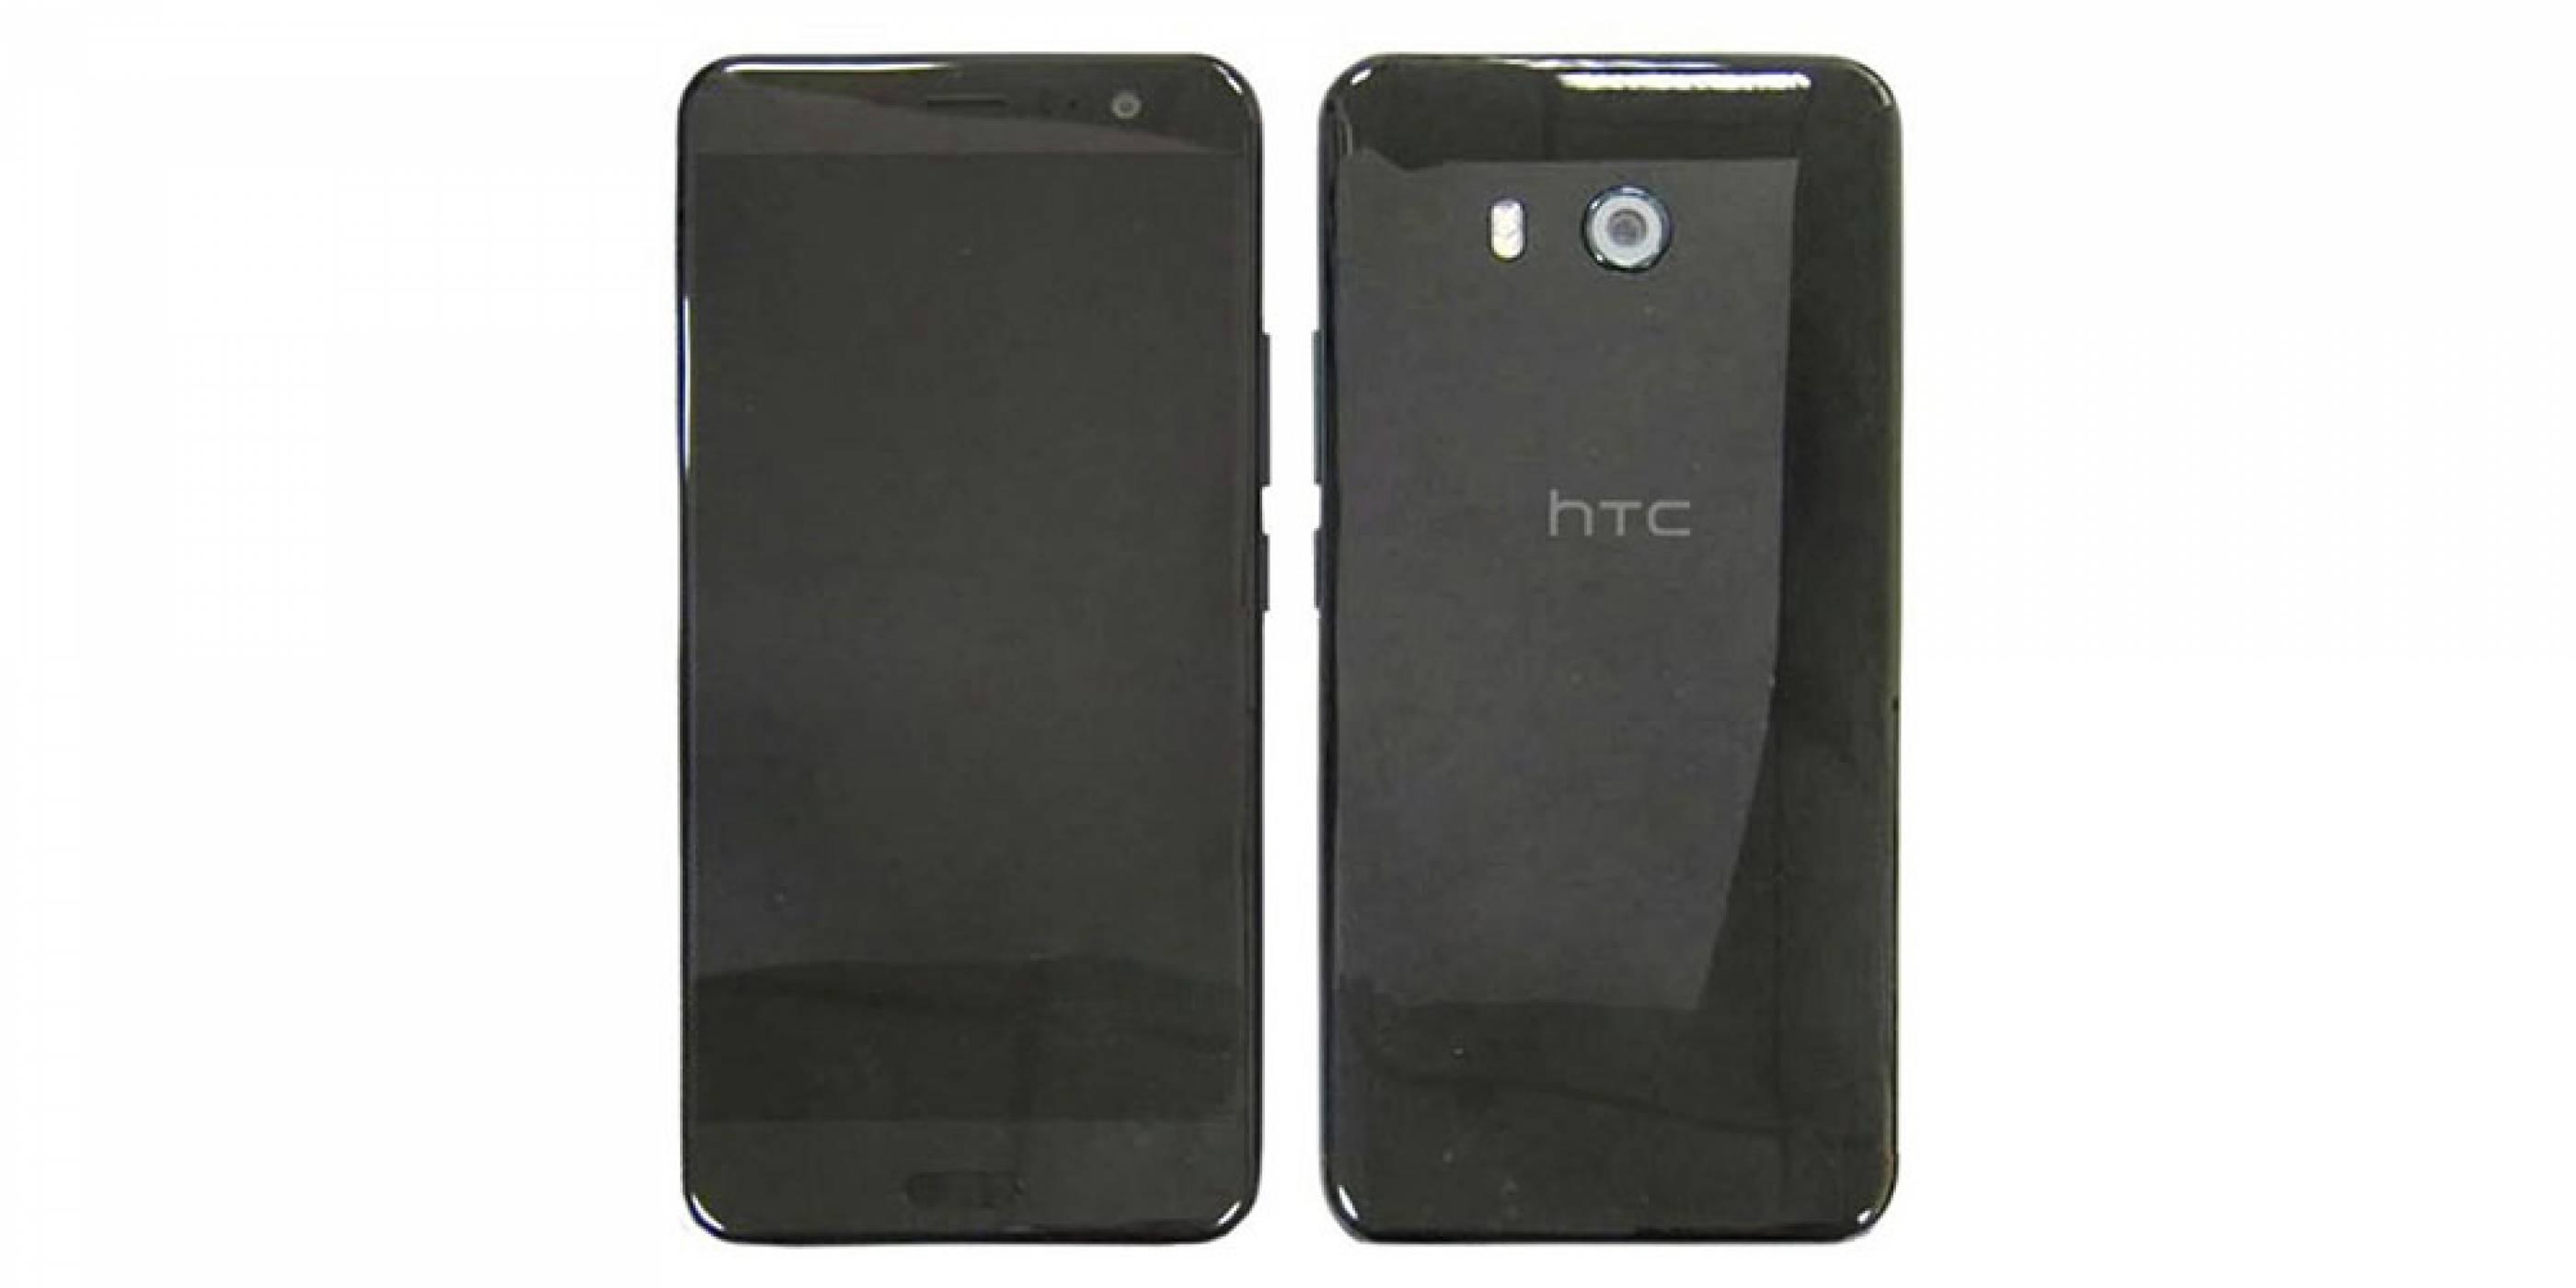 Това е първата реална снимка на HTC U